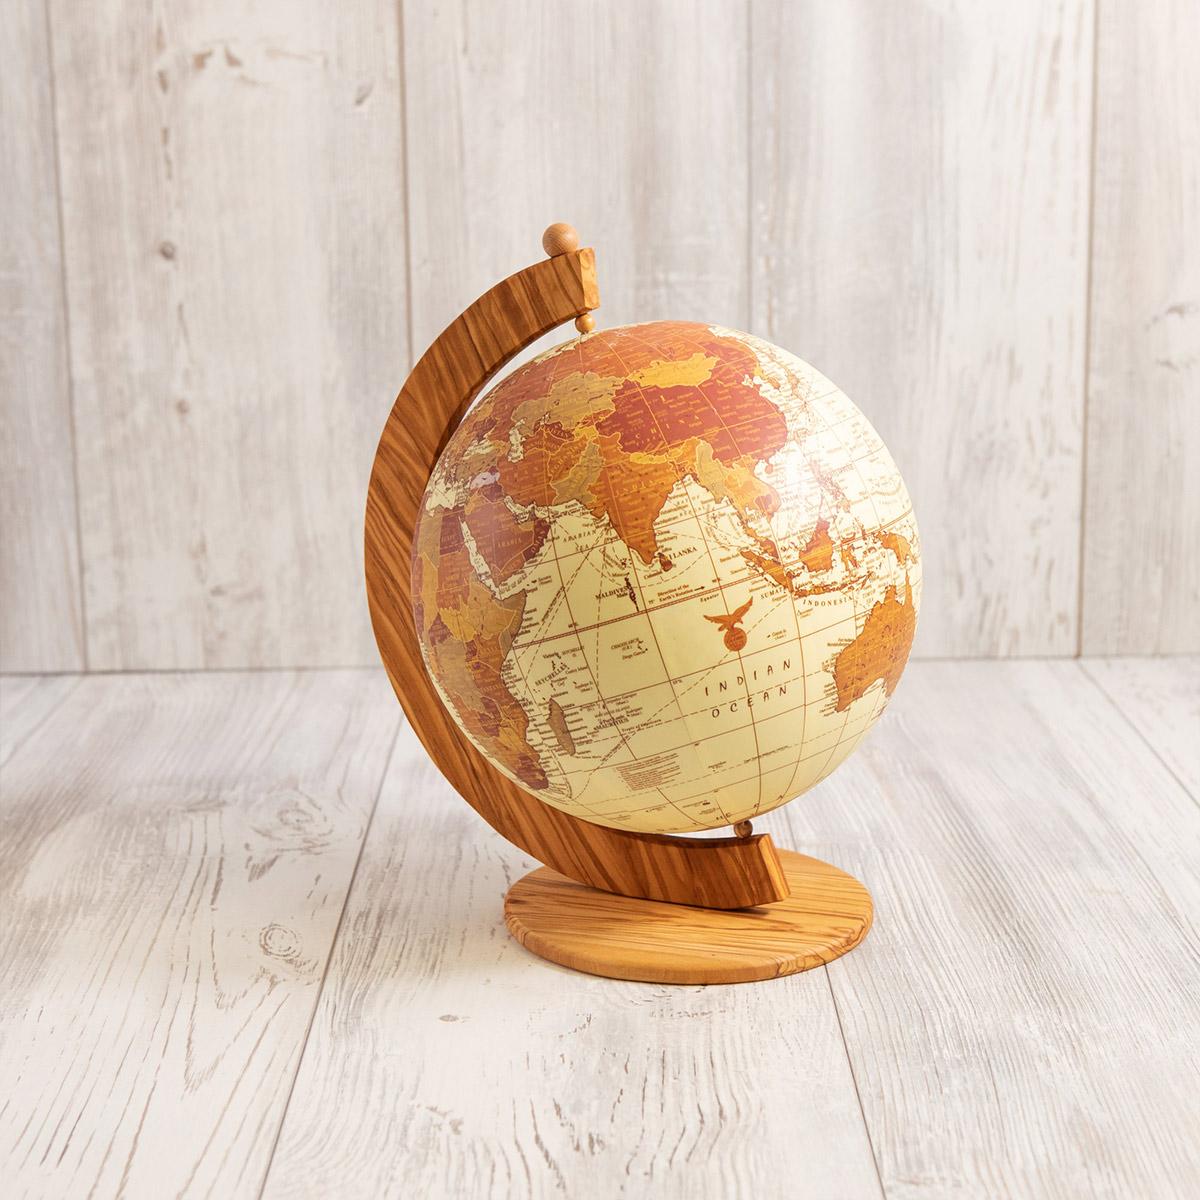 Mappamondo in legno di ulivo - Artelegno